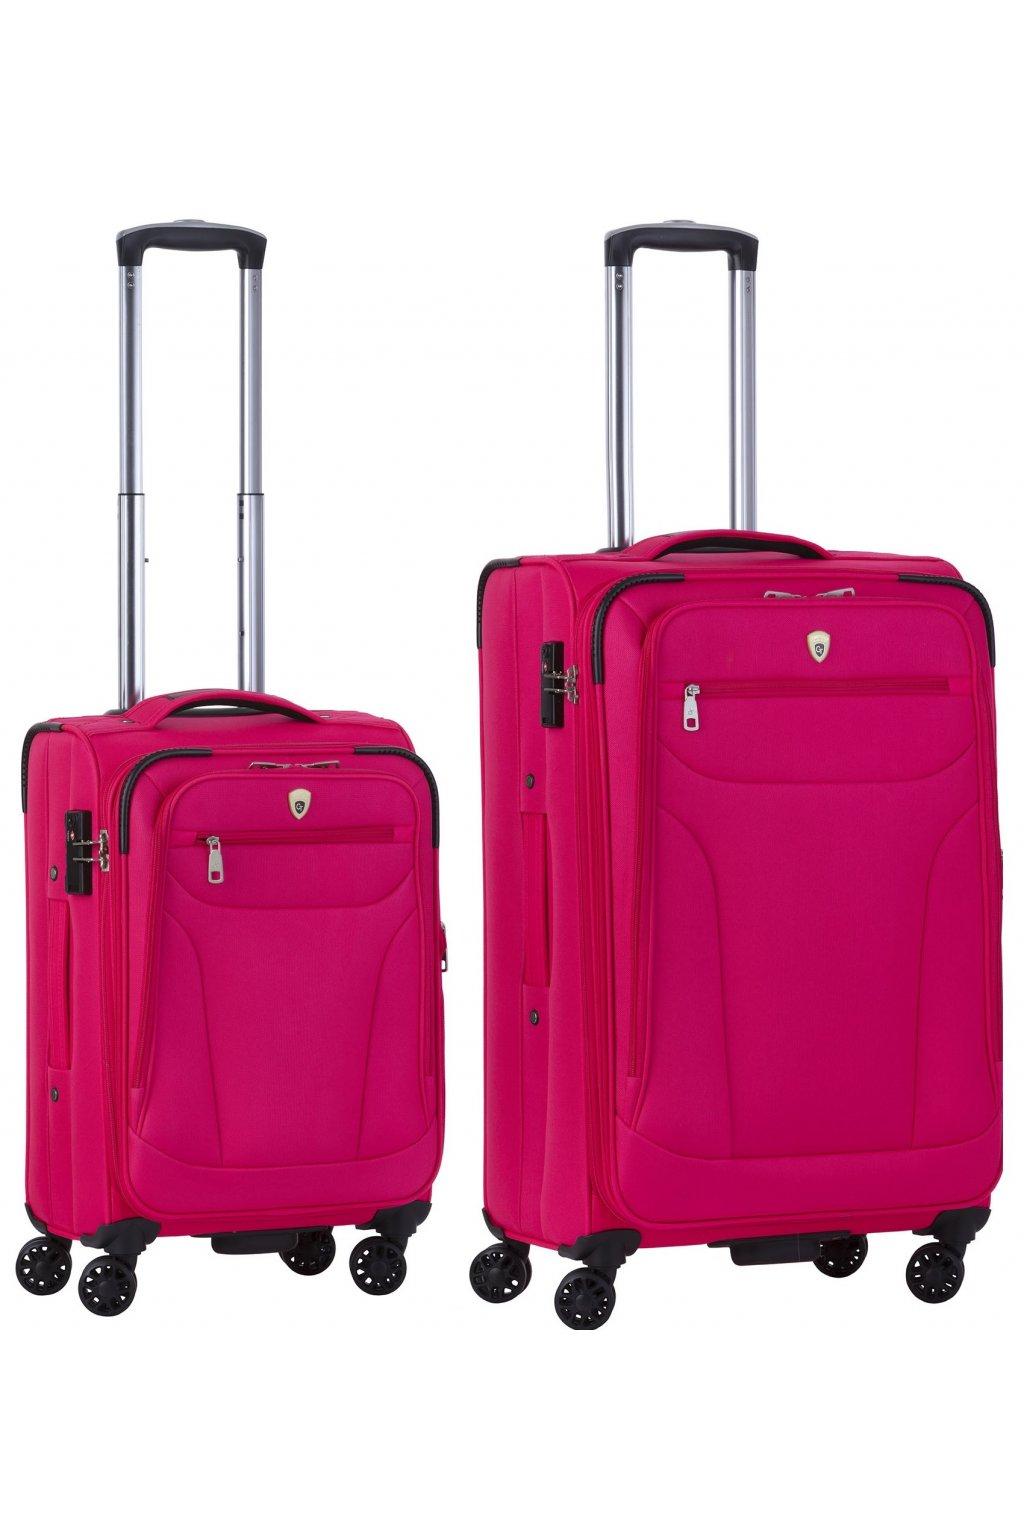 kufrland carryon cambridge pink (9)